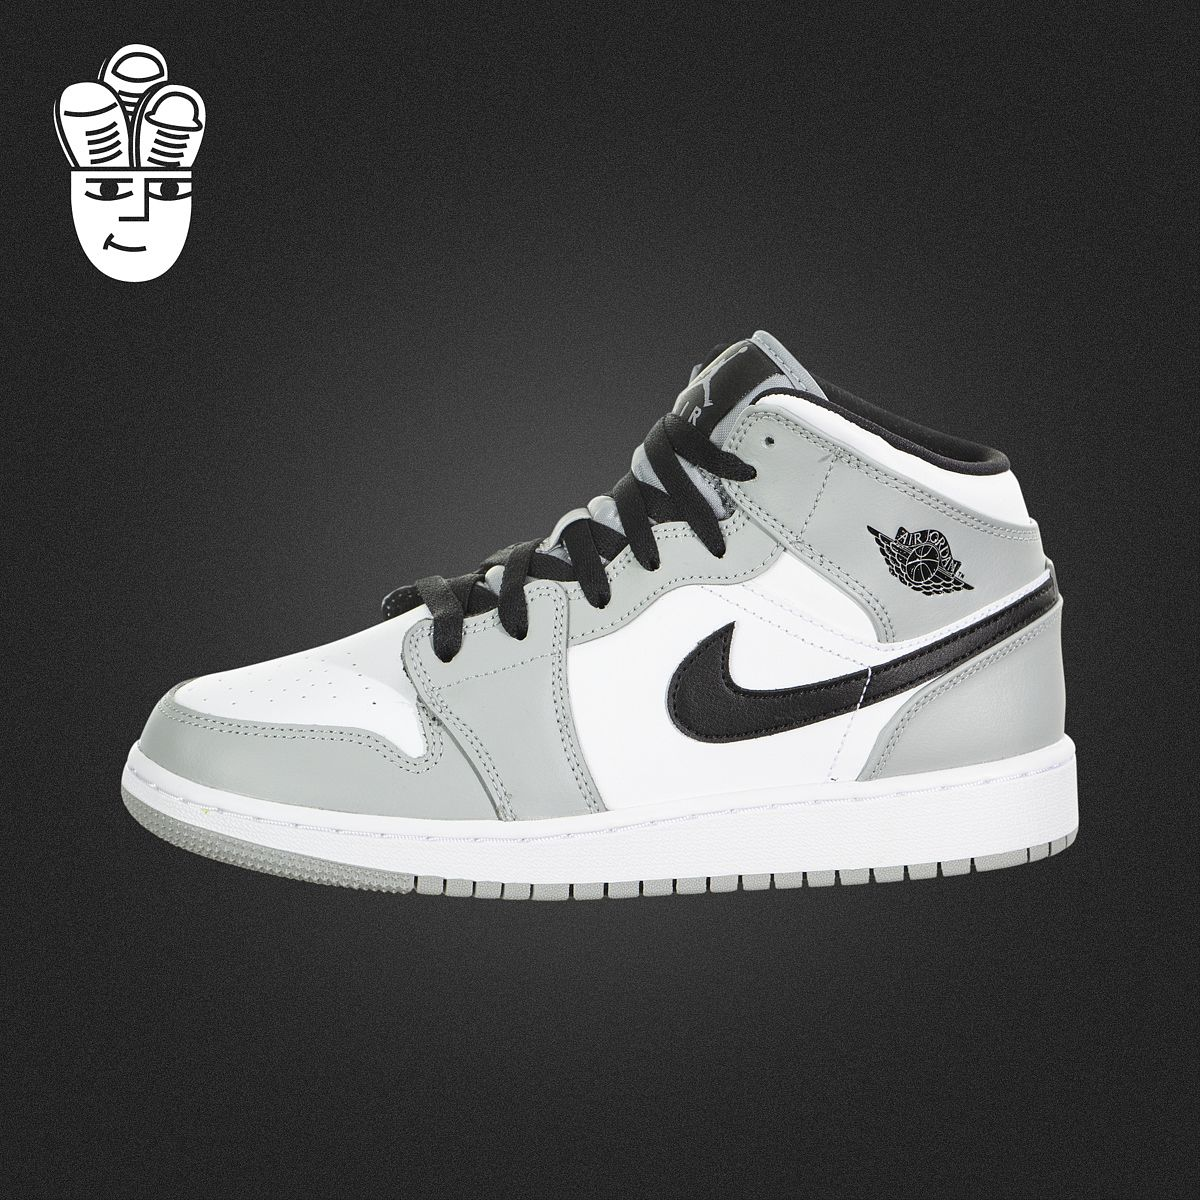 Air Jordan 1 Mid AJ乔1男鞋女鞋GS 中帮休闲板鞋 复古运动鞋